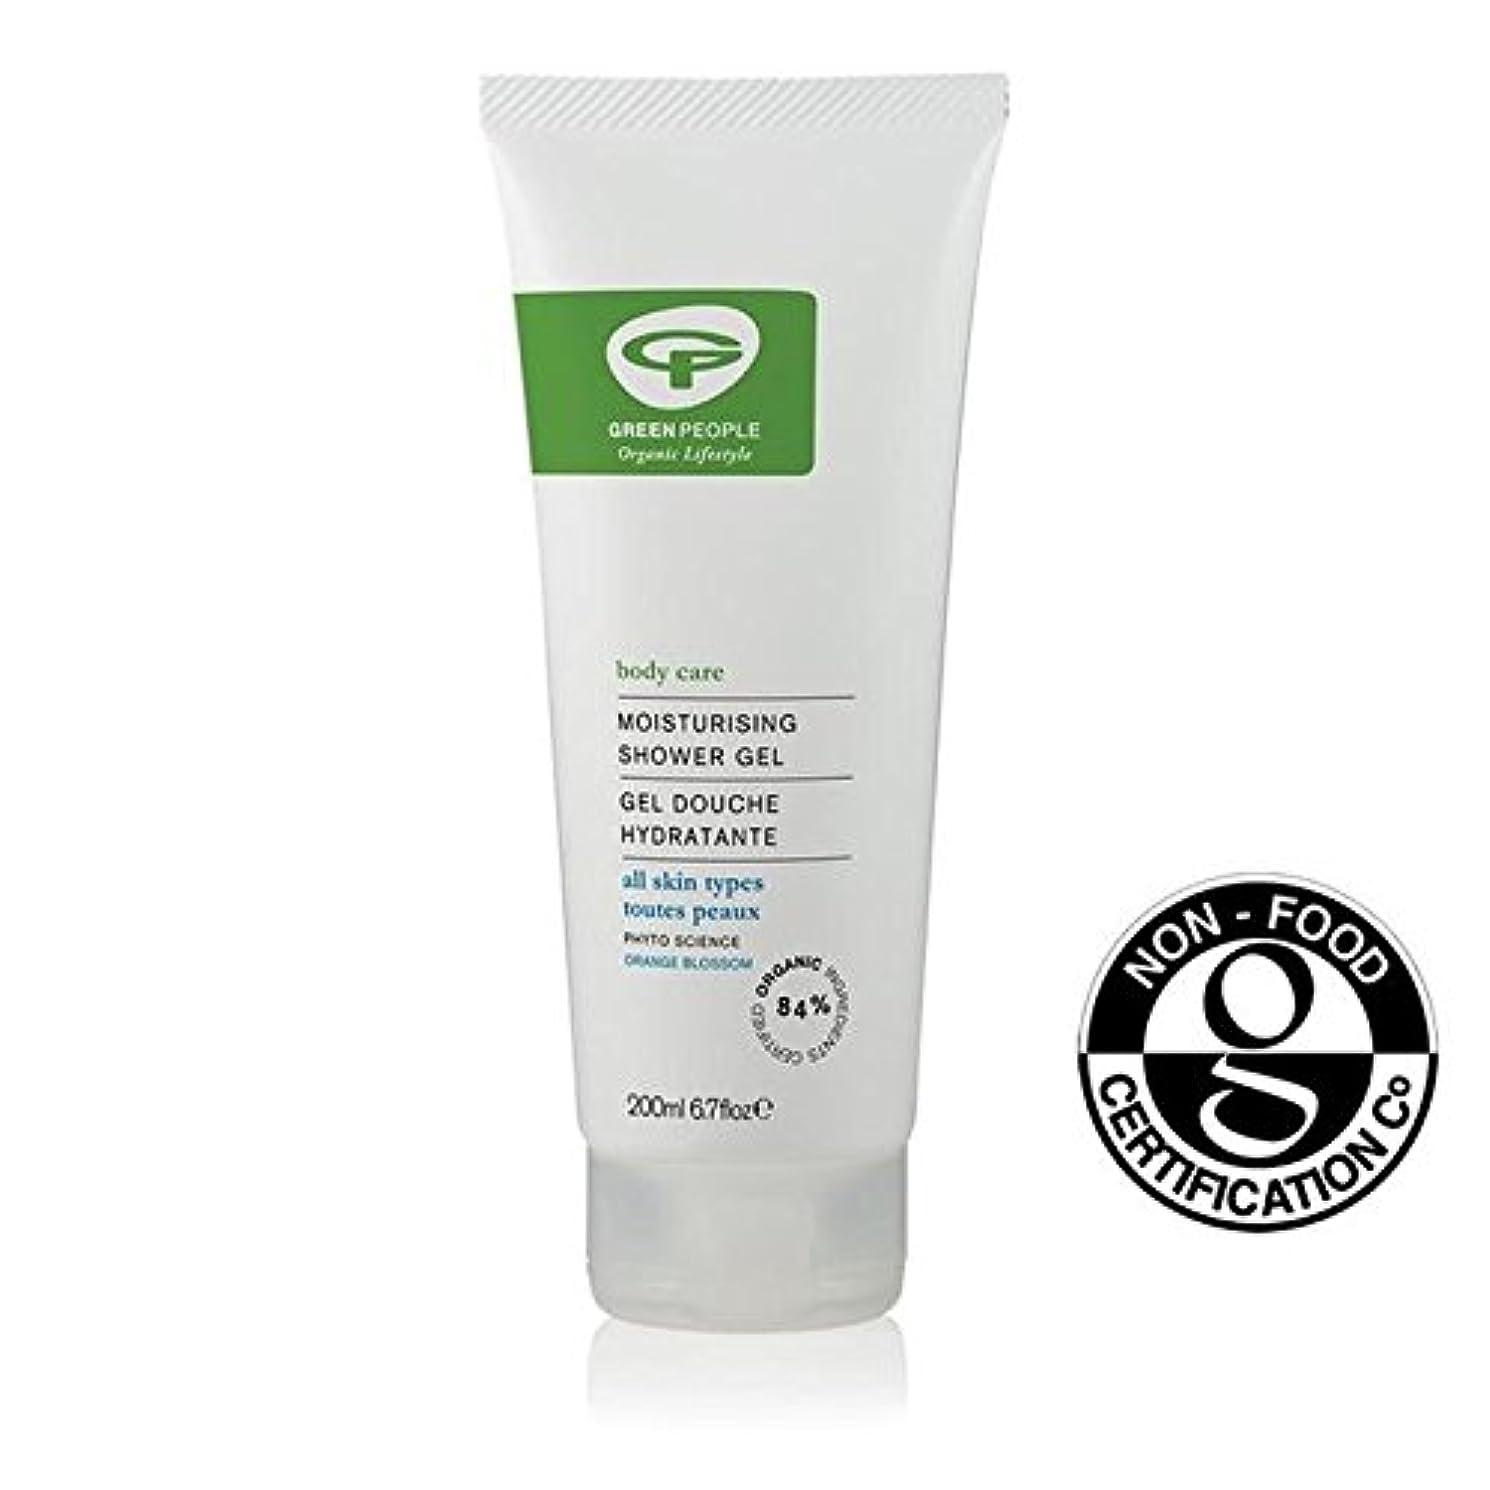 アシュリータファーマンハプニングファンド緑の人々の有機保湿シャワージェル200 x4 - Green People Organic Moisturising Shower Gel 200ml (Pack of 4) [並行輸入品]